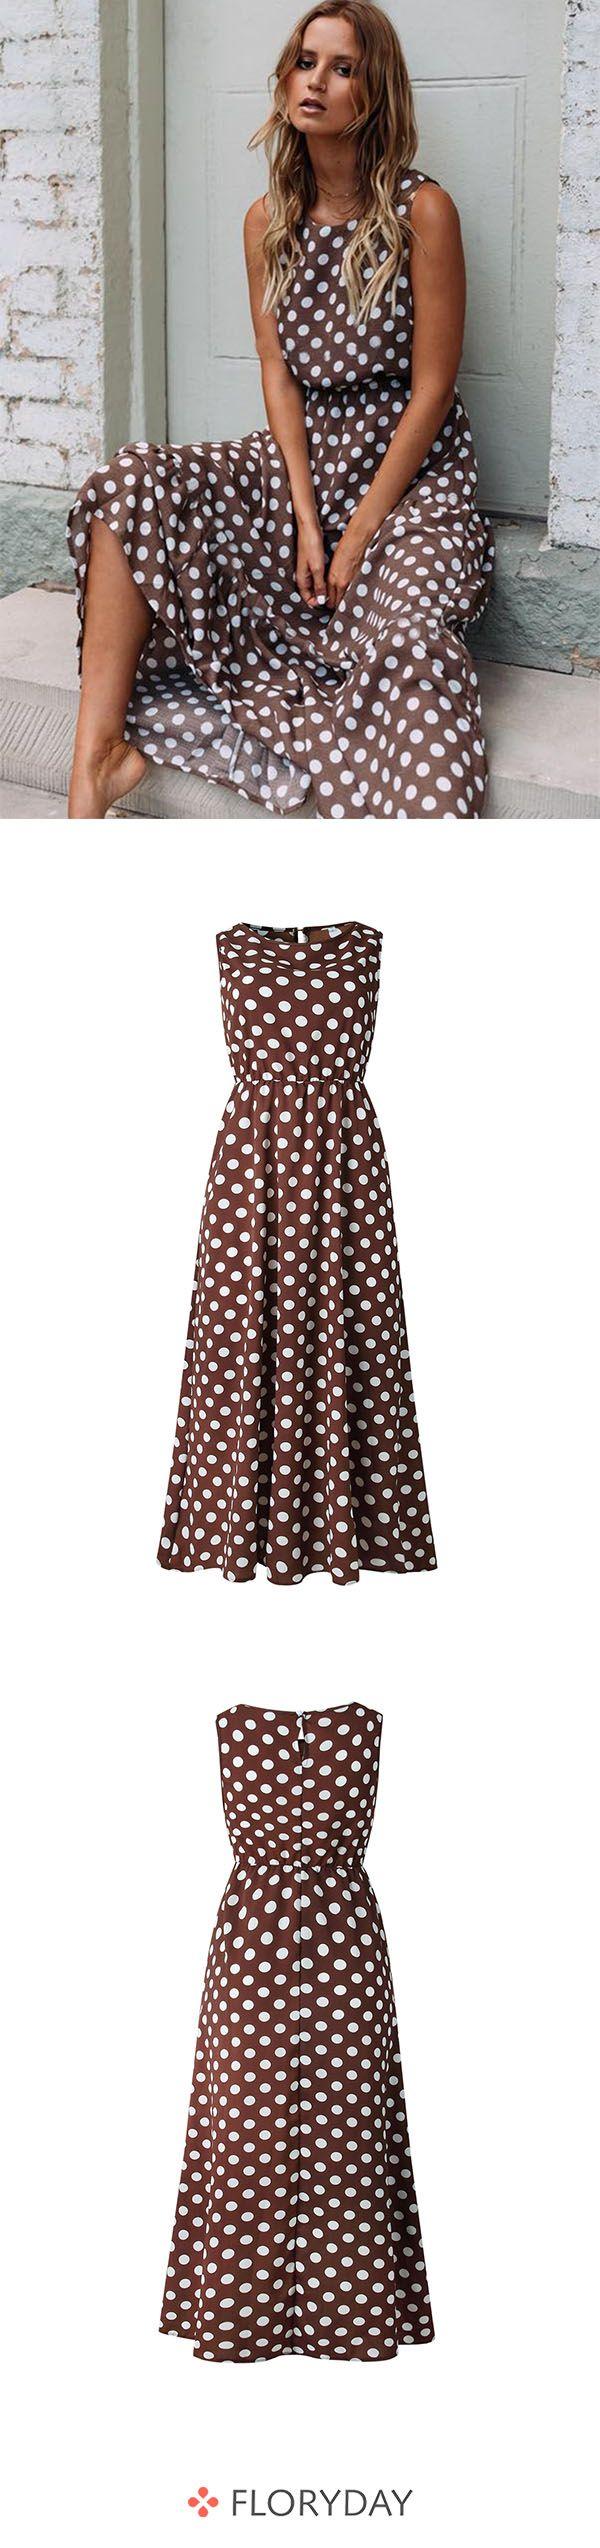 Gepunktetes ärmelloses X-Linien Maxikleid  Kleider mode, Modische